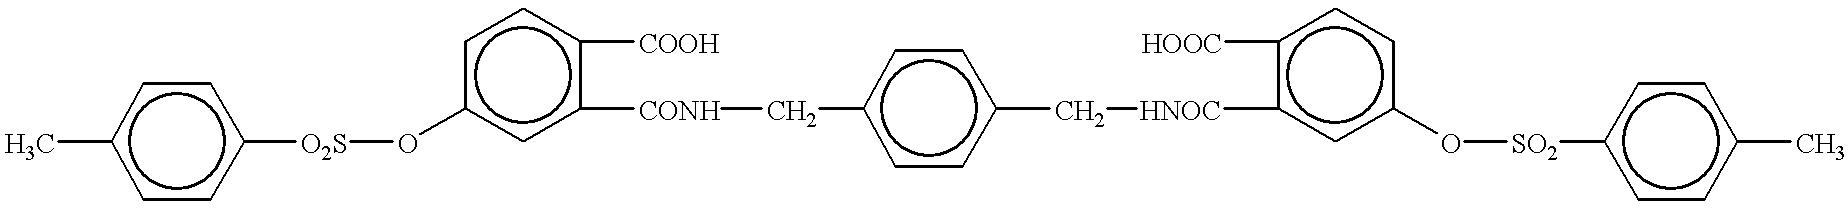 Figure US06180560-20010130-C00419